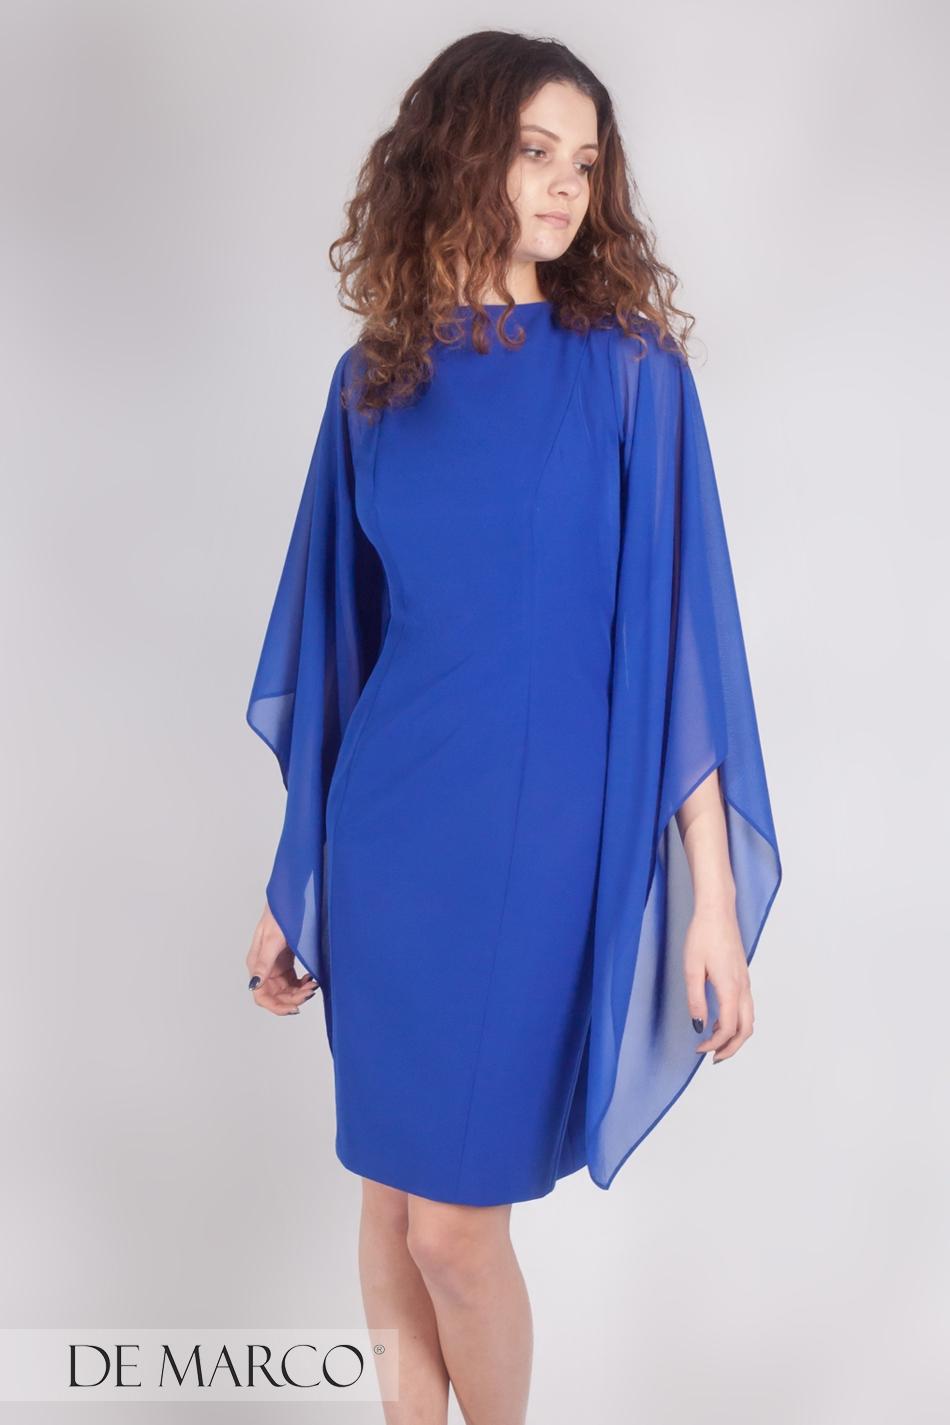 cf72a027e45b11 ... Najpiękniejsza sukienka dla kobiet sukcesu Jordana · Olśniewająca  sukienka szafirowa Jordana ...